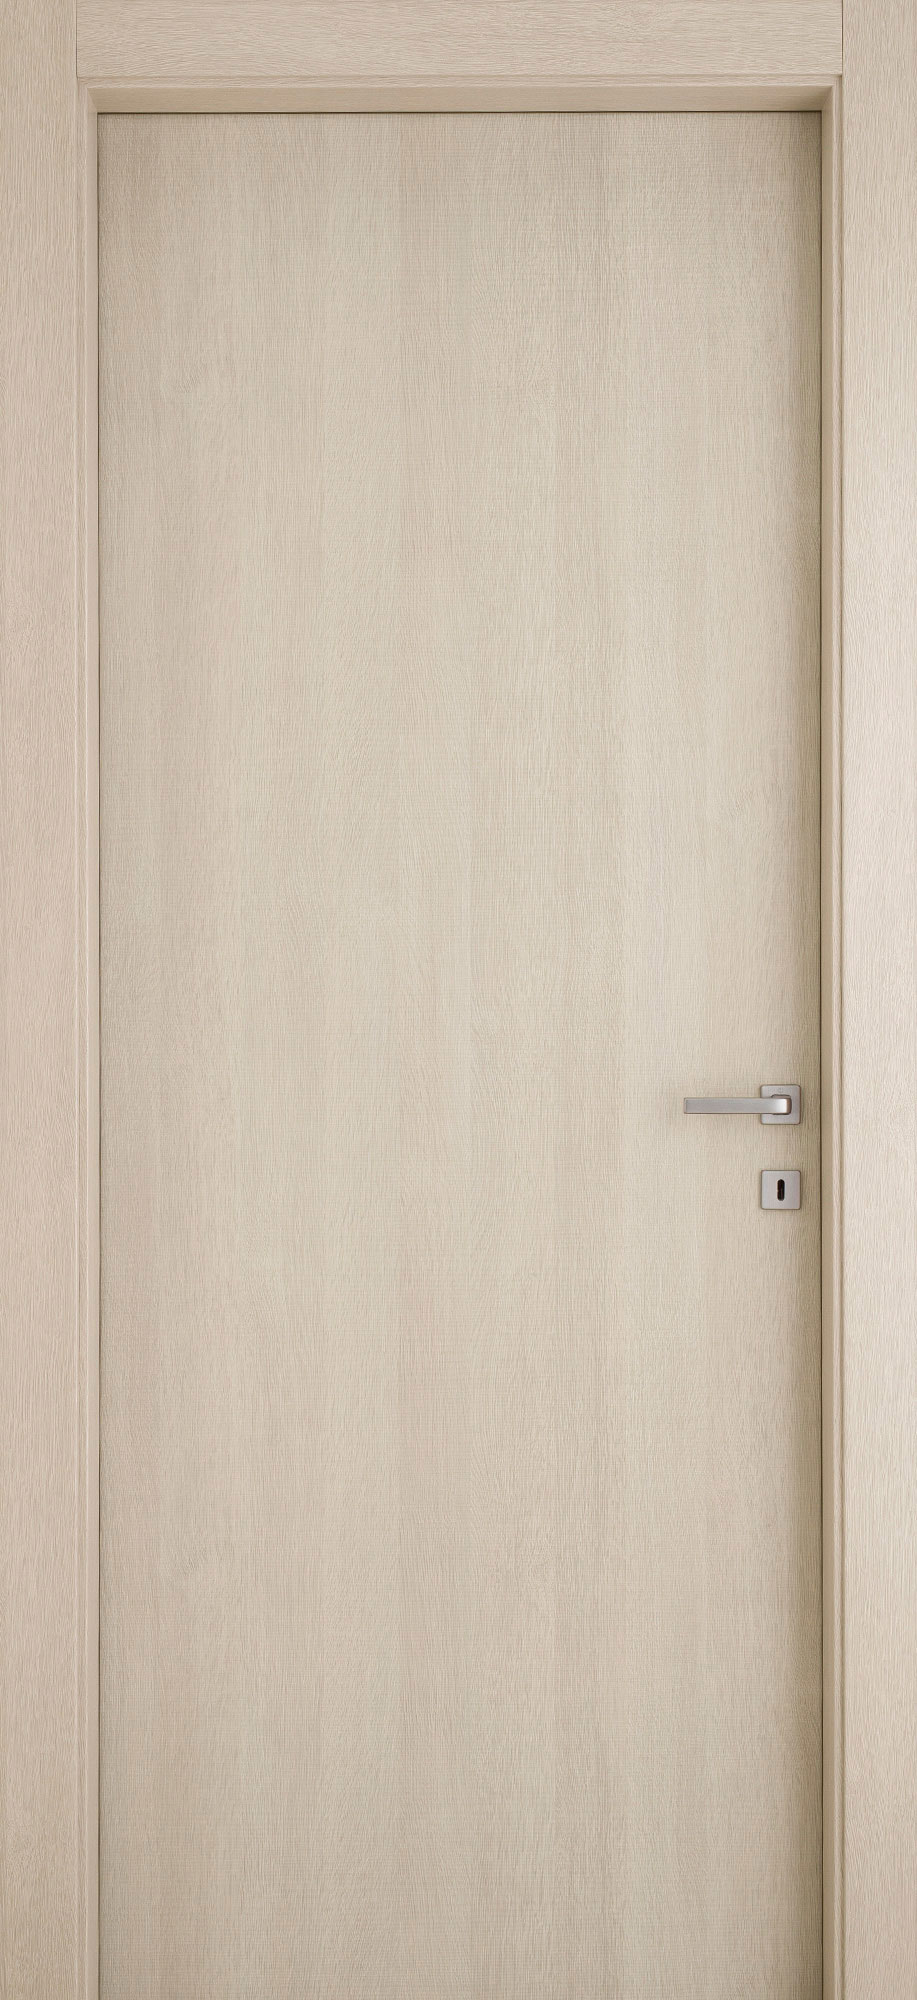 Εσωτερικές πόρτες, Ξύλινη, portalia